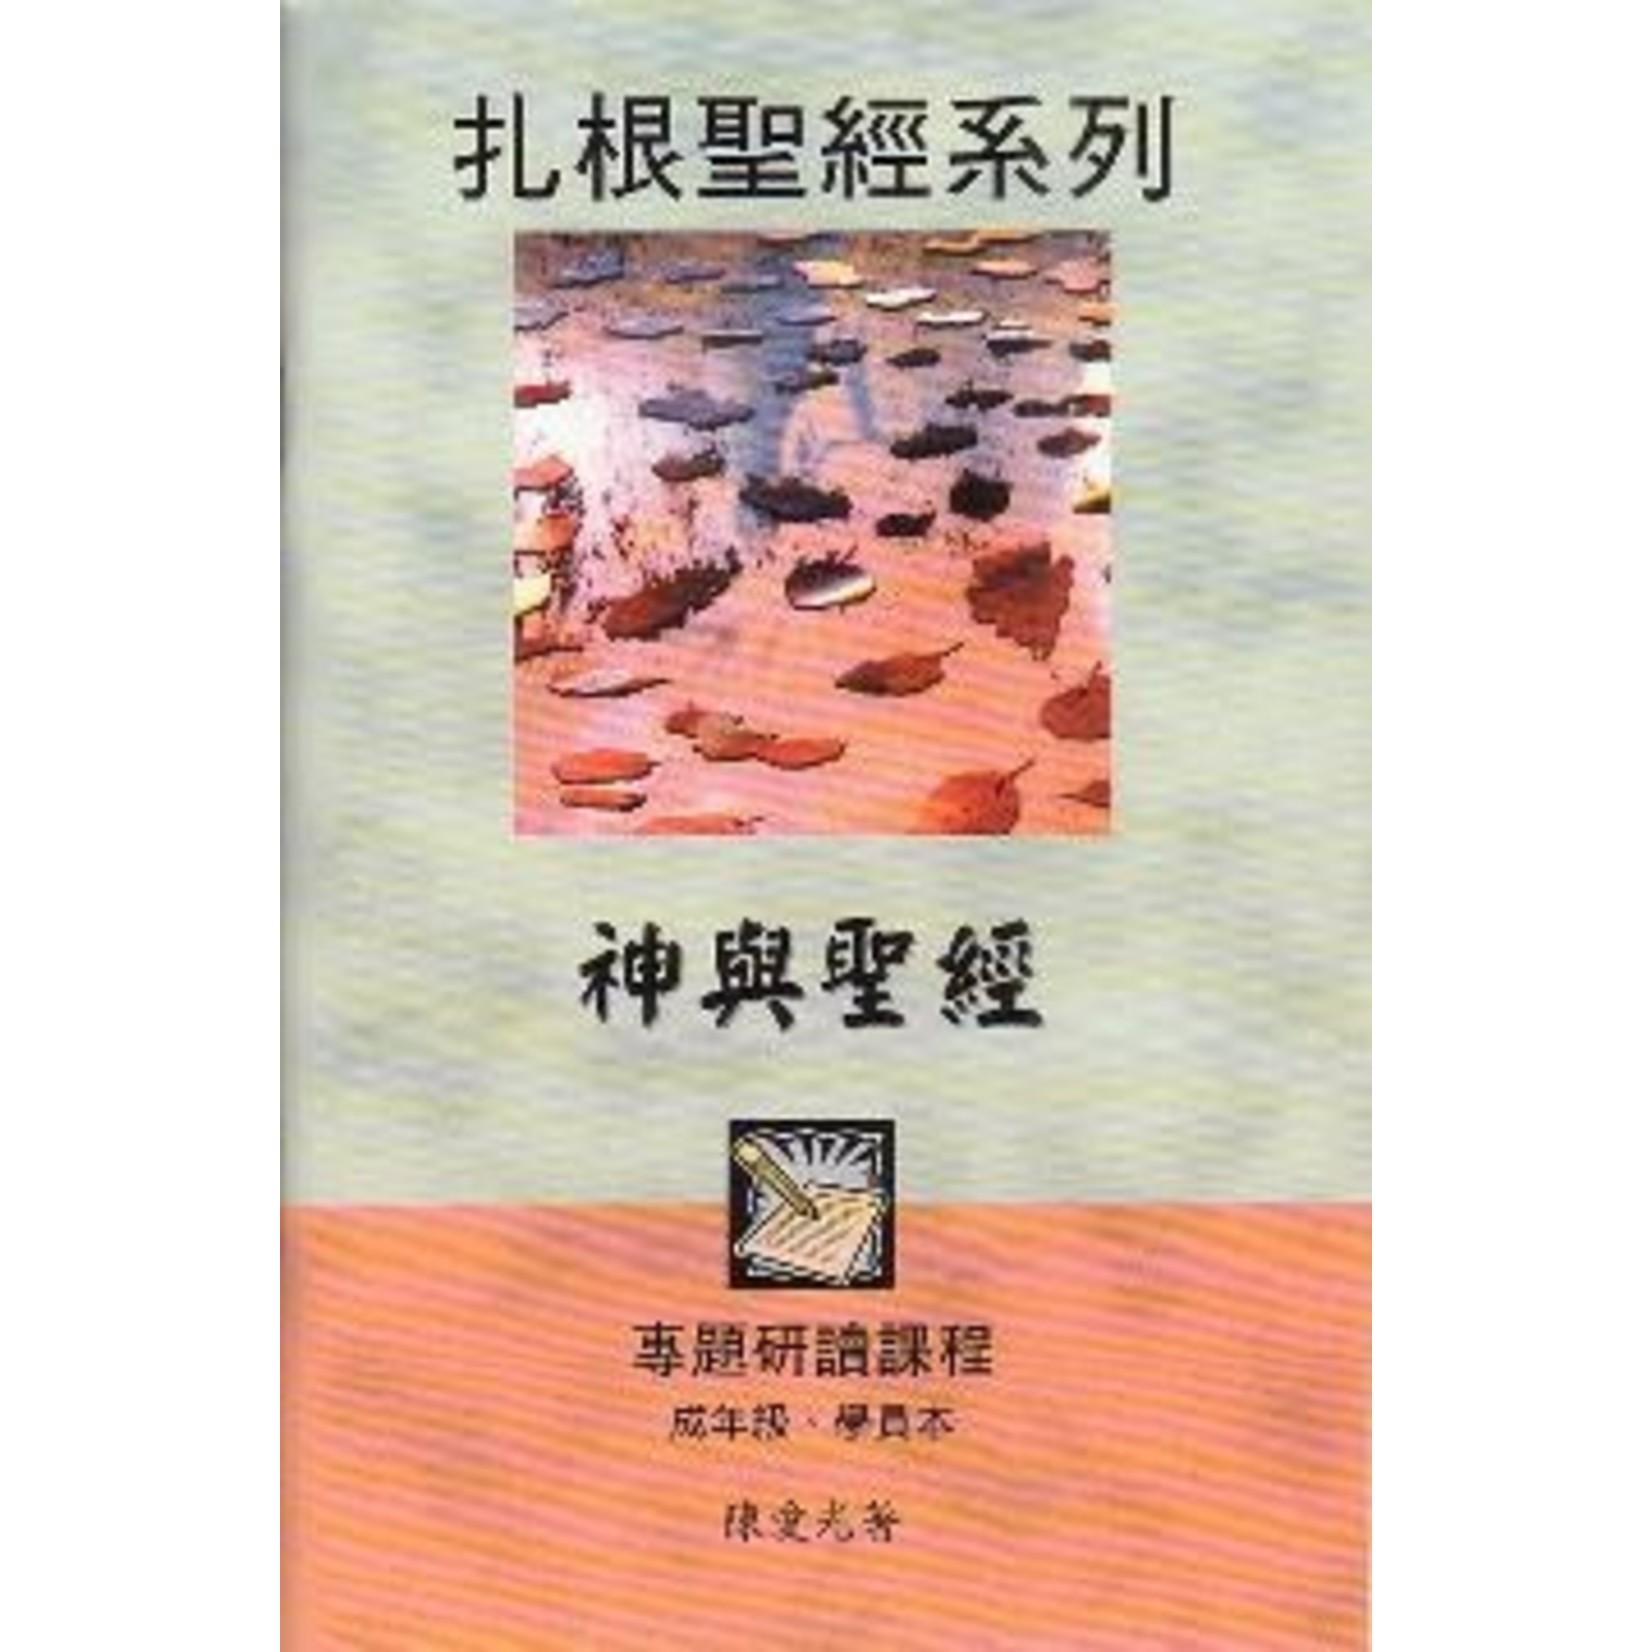 中華聖經教育協會 Center for Chinese Biblical Edcuation 扎根聖經系列:神與聖經(成年級學員本)